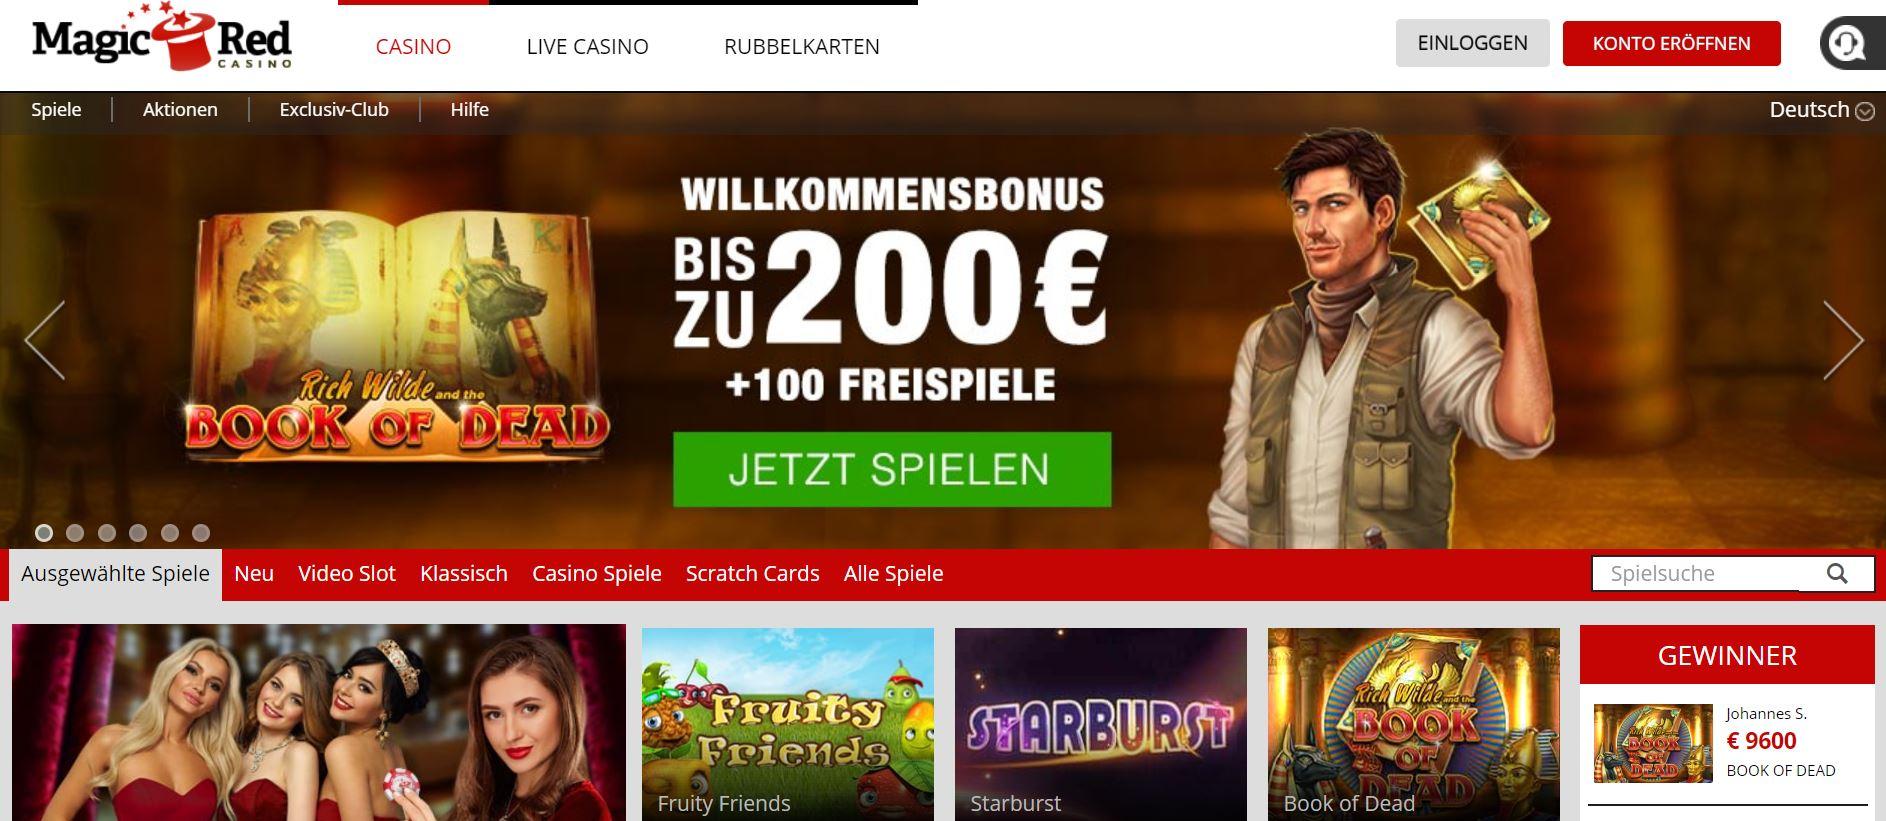 Magic Red Casino Vorschau